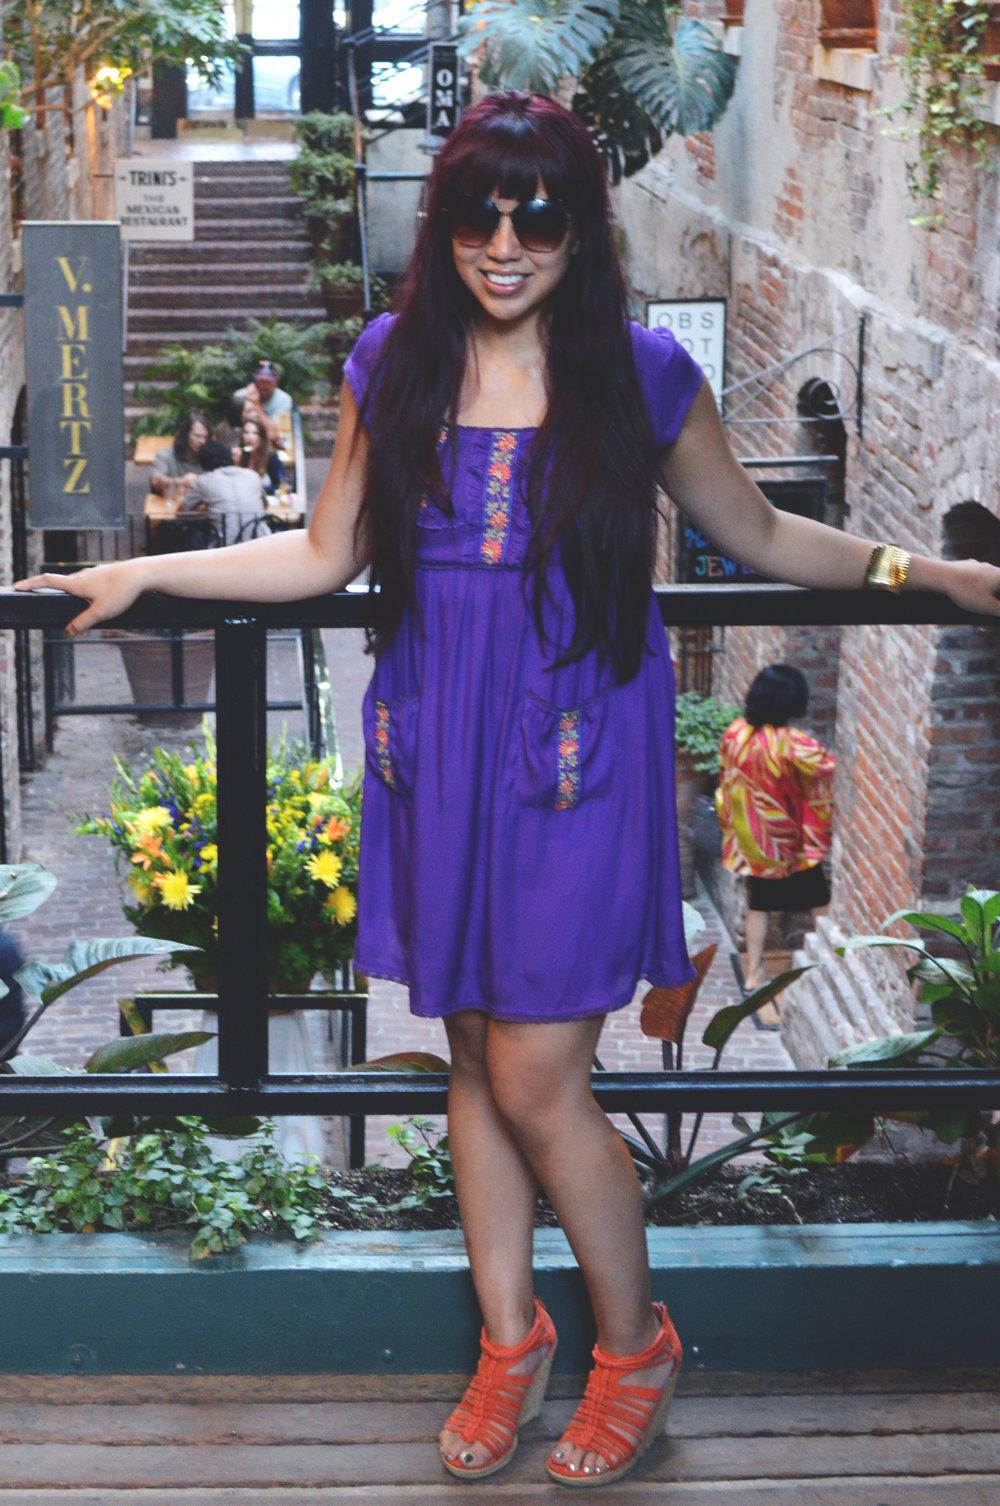 purpledress3.jpg